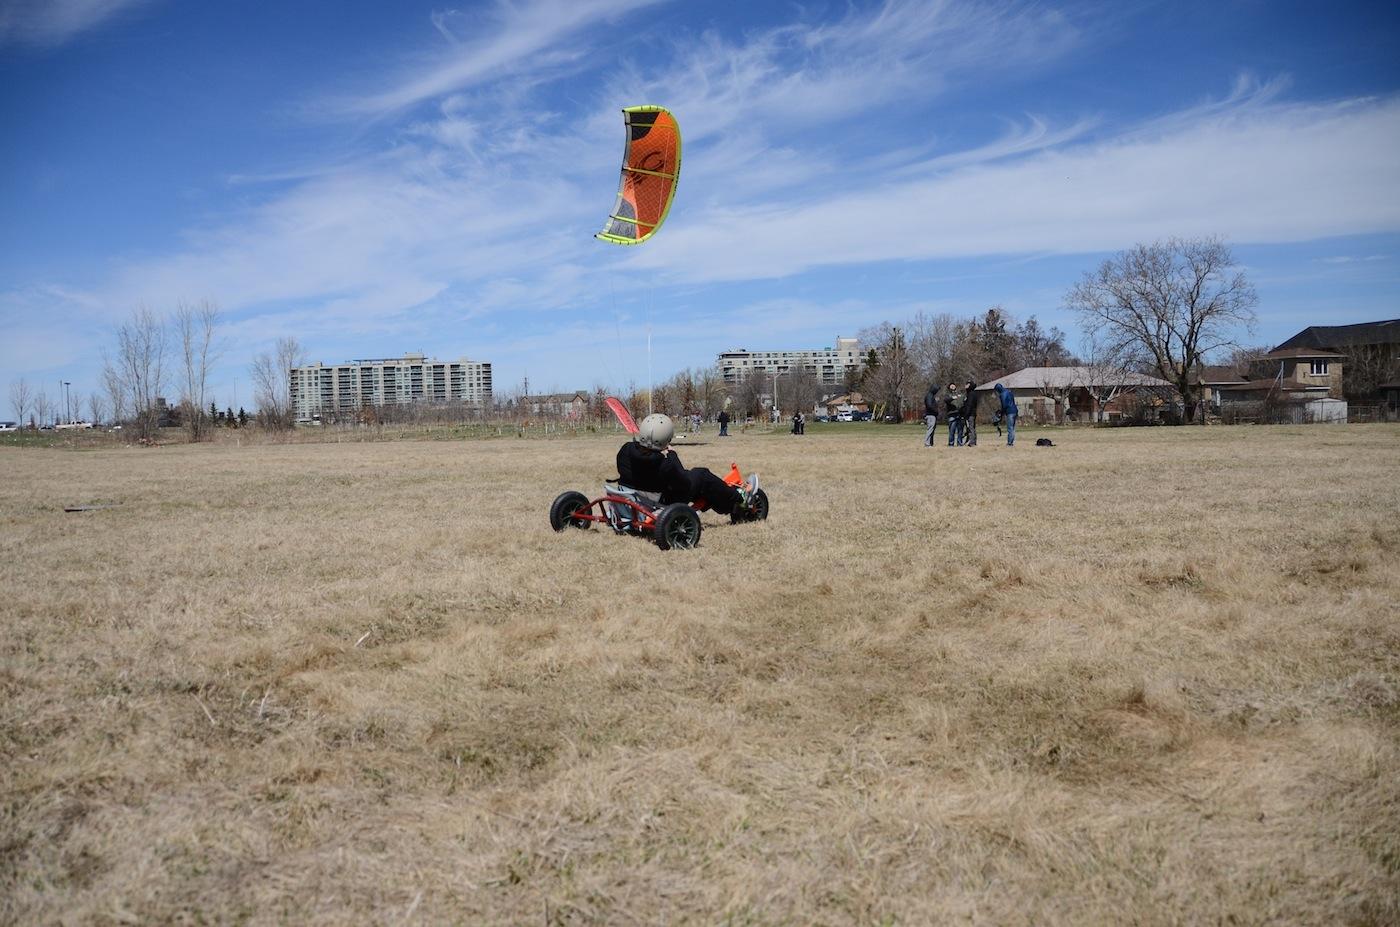 land buggy kitesurfing